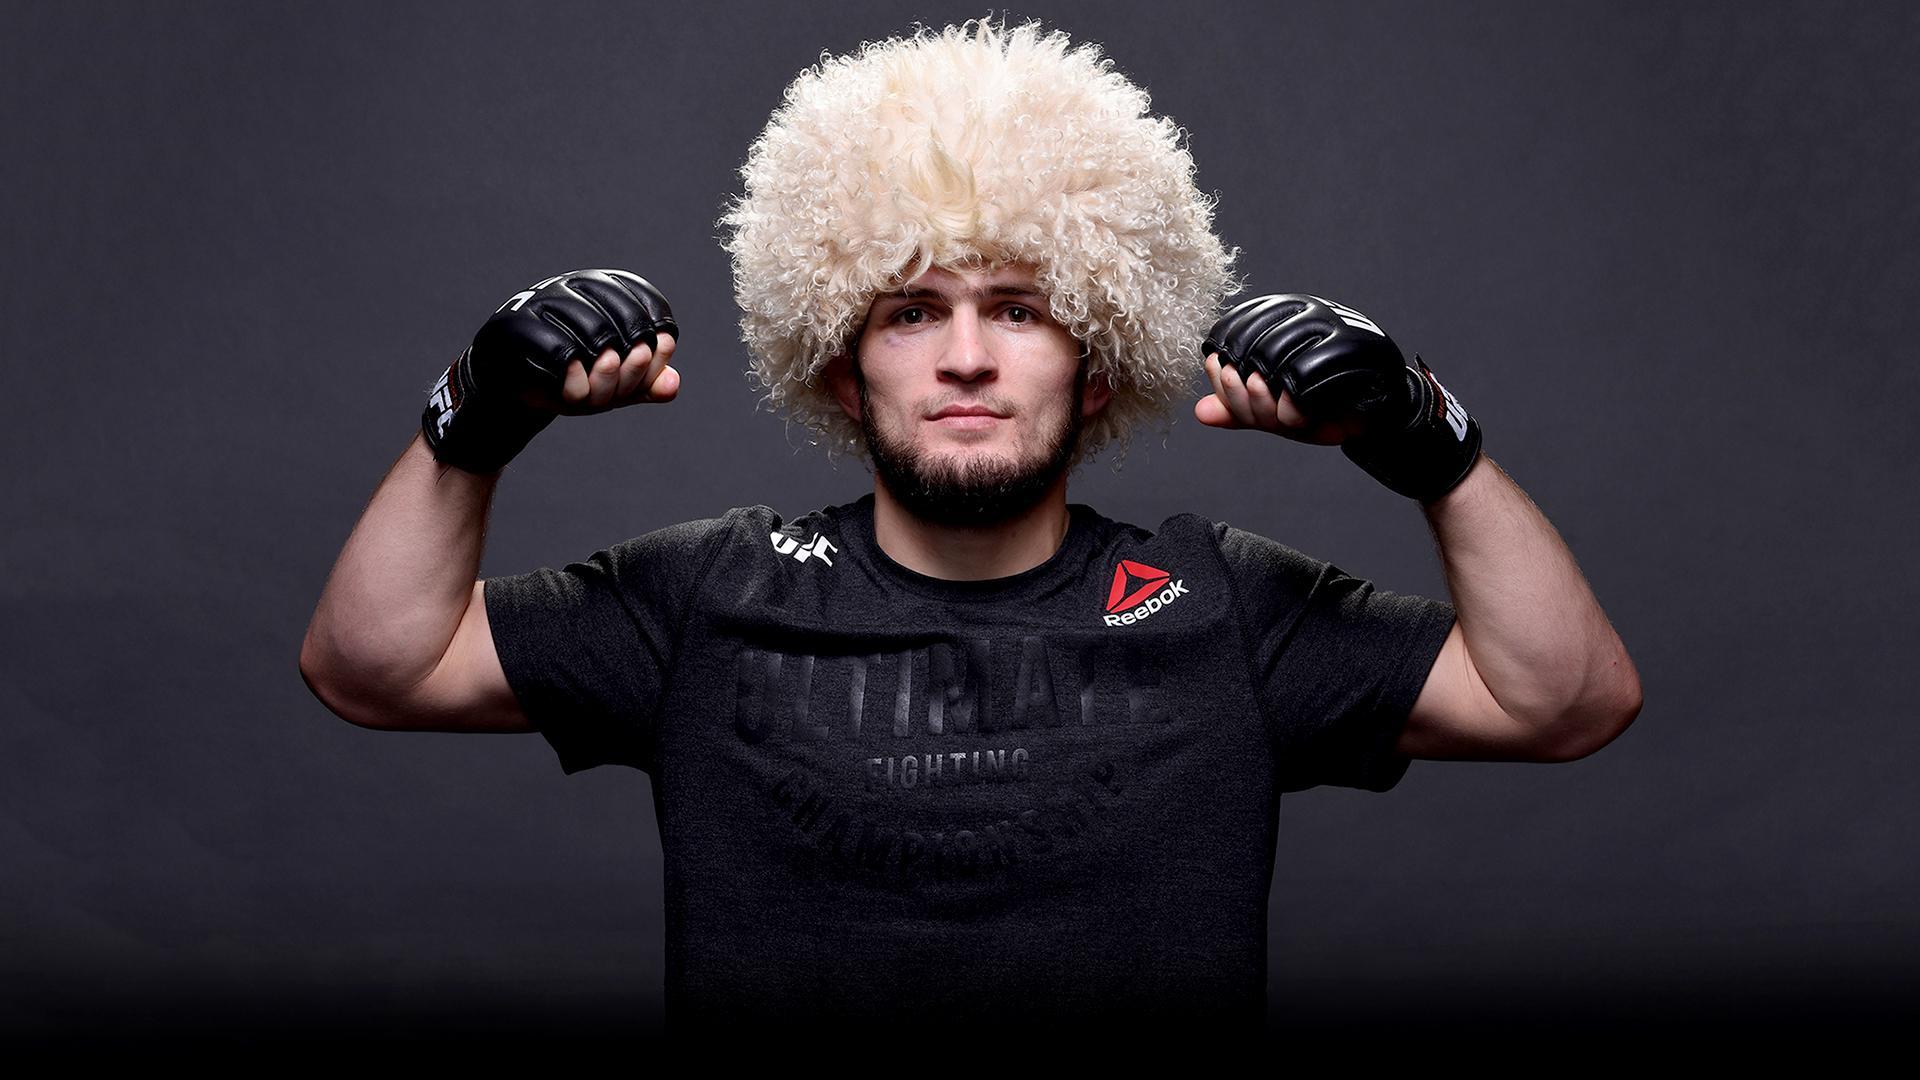 Wallpaper of Habib Nurmagomedov Fighter Sport MMA UFC 1920x1080